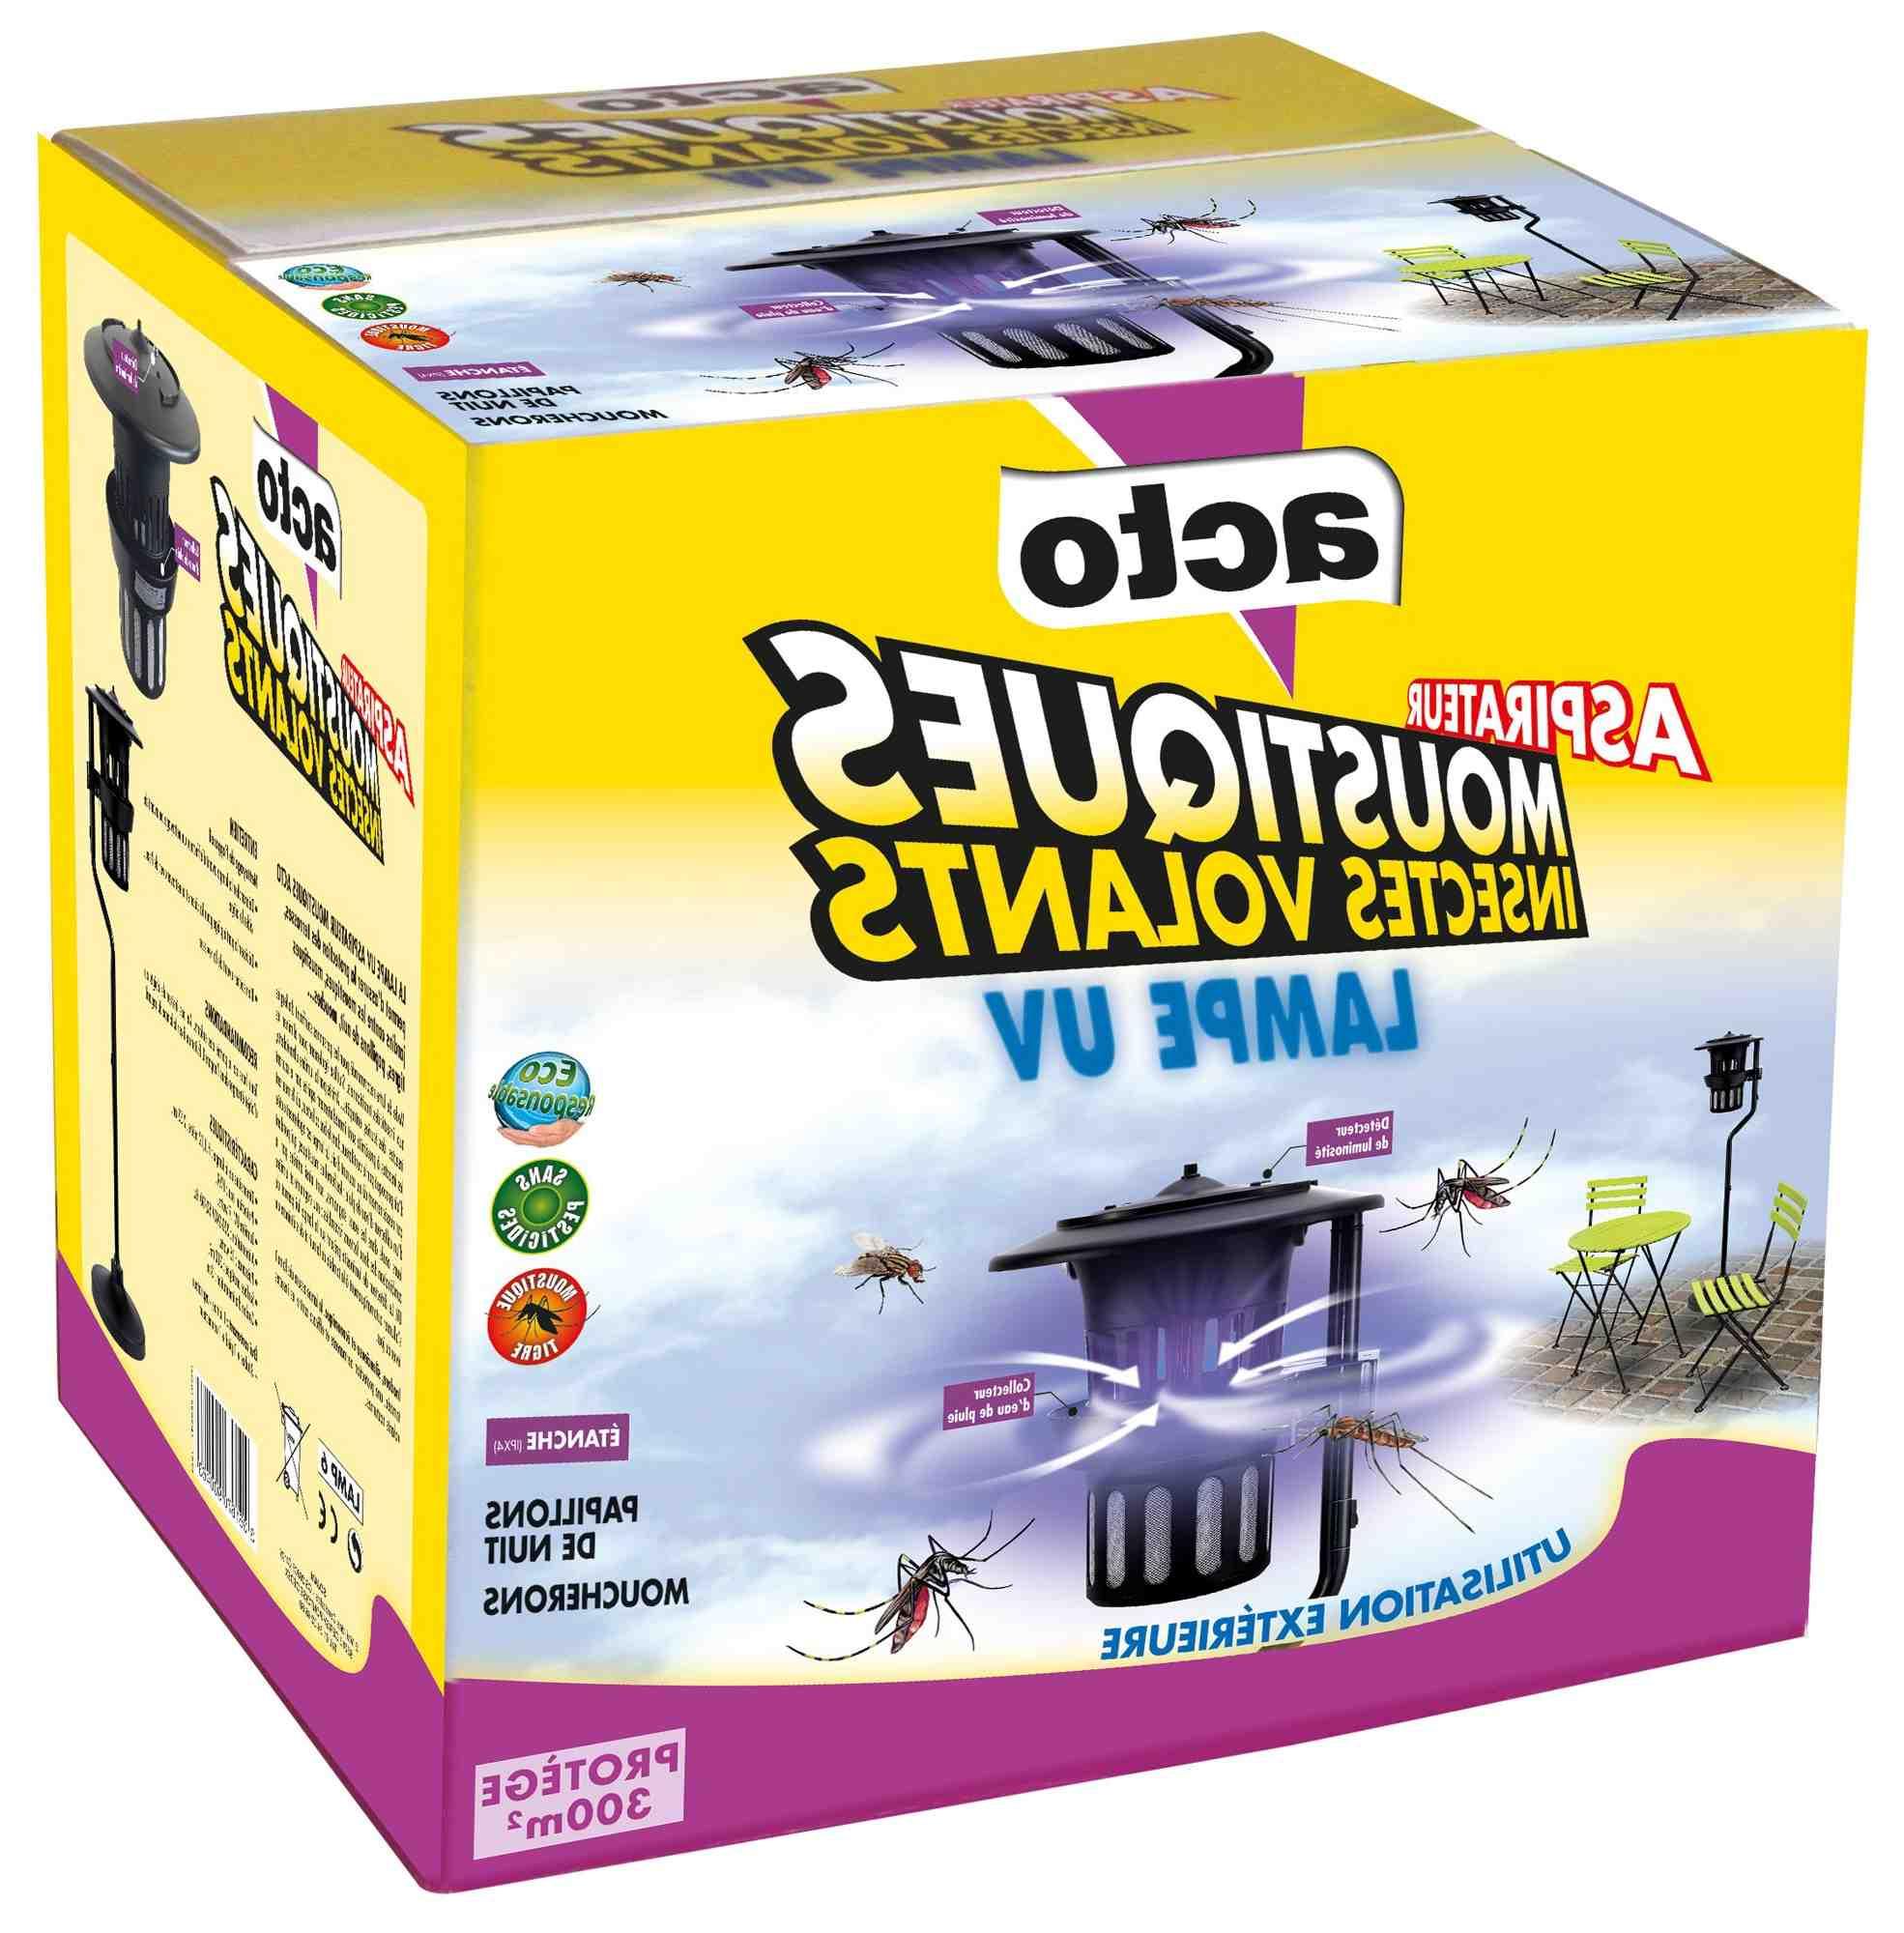 Est-ce que les moustiques sont attirés par les UV ?